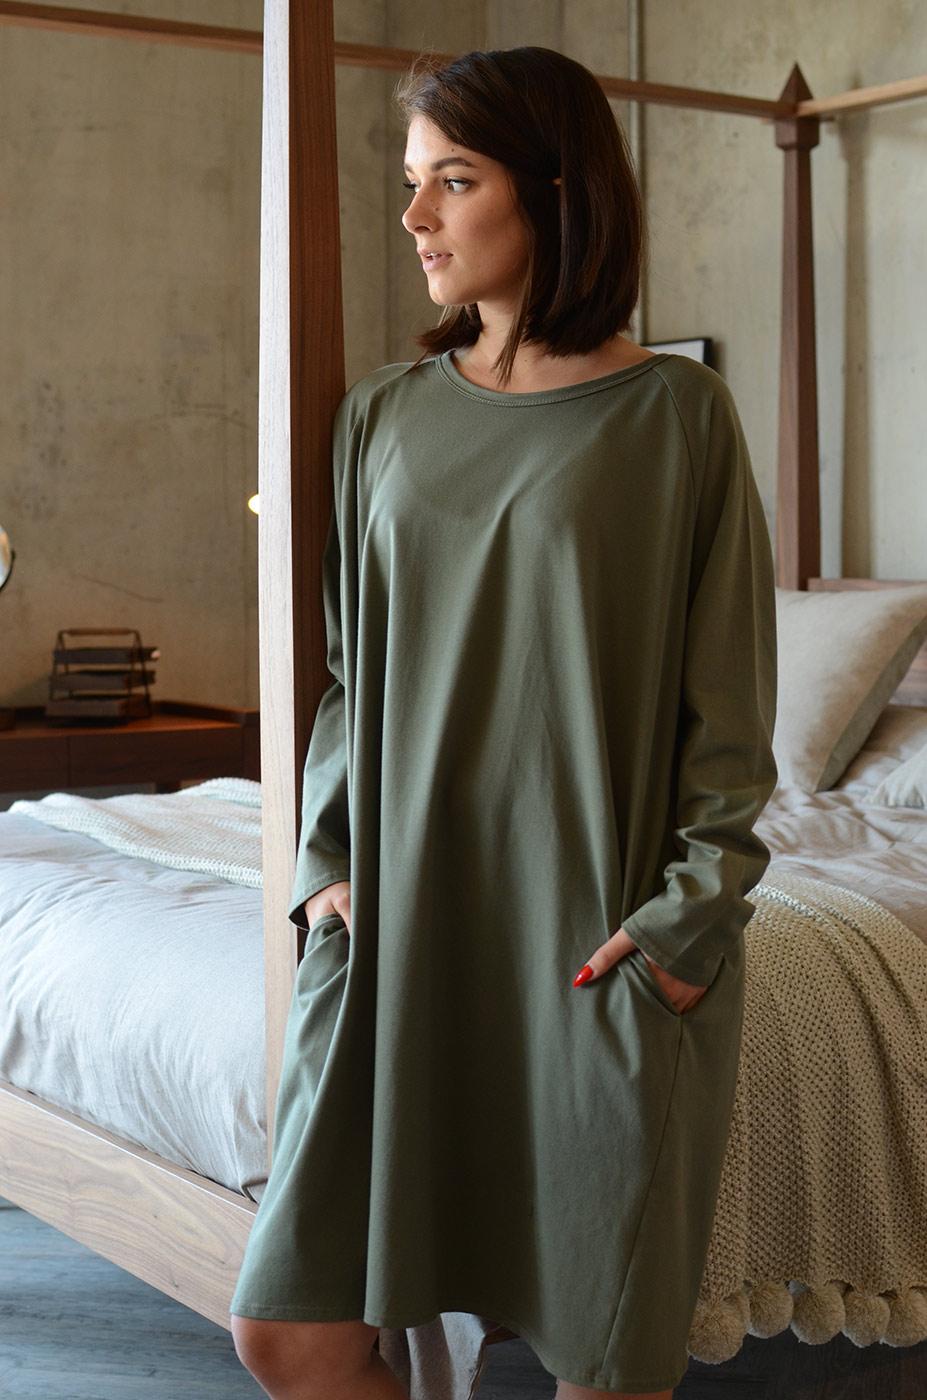 khaki-lounge-wear-slouch-dress-portrait